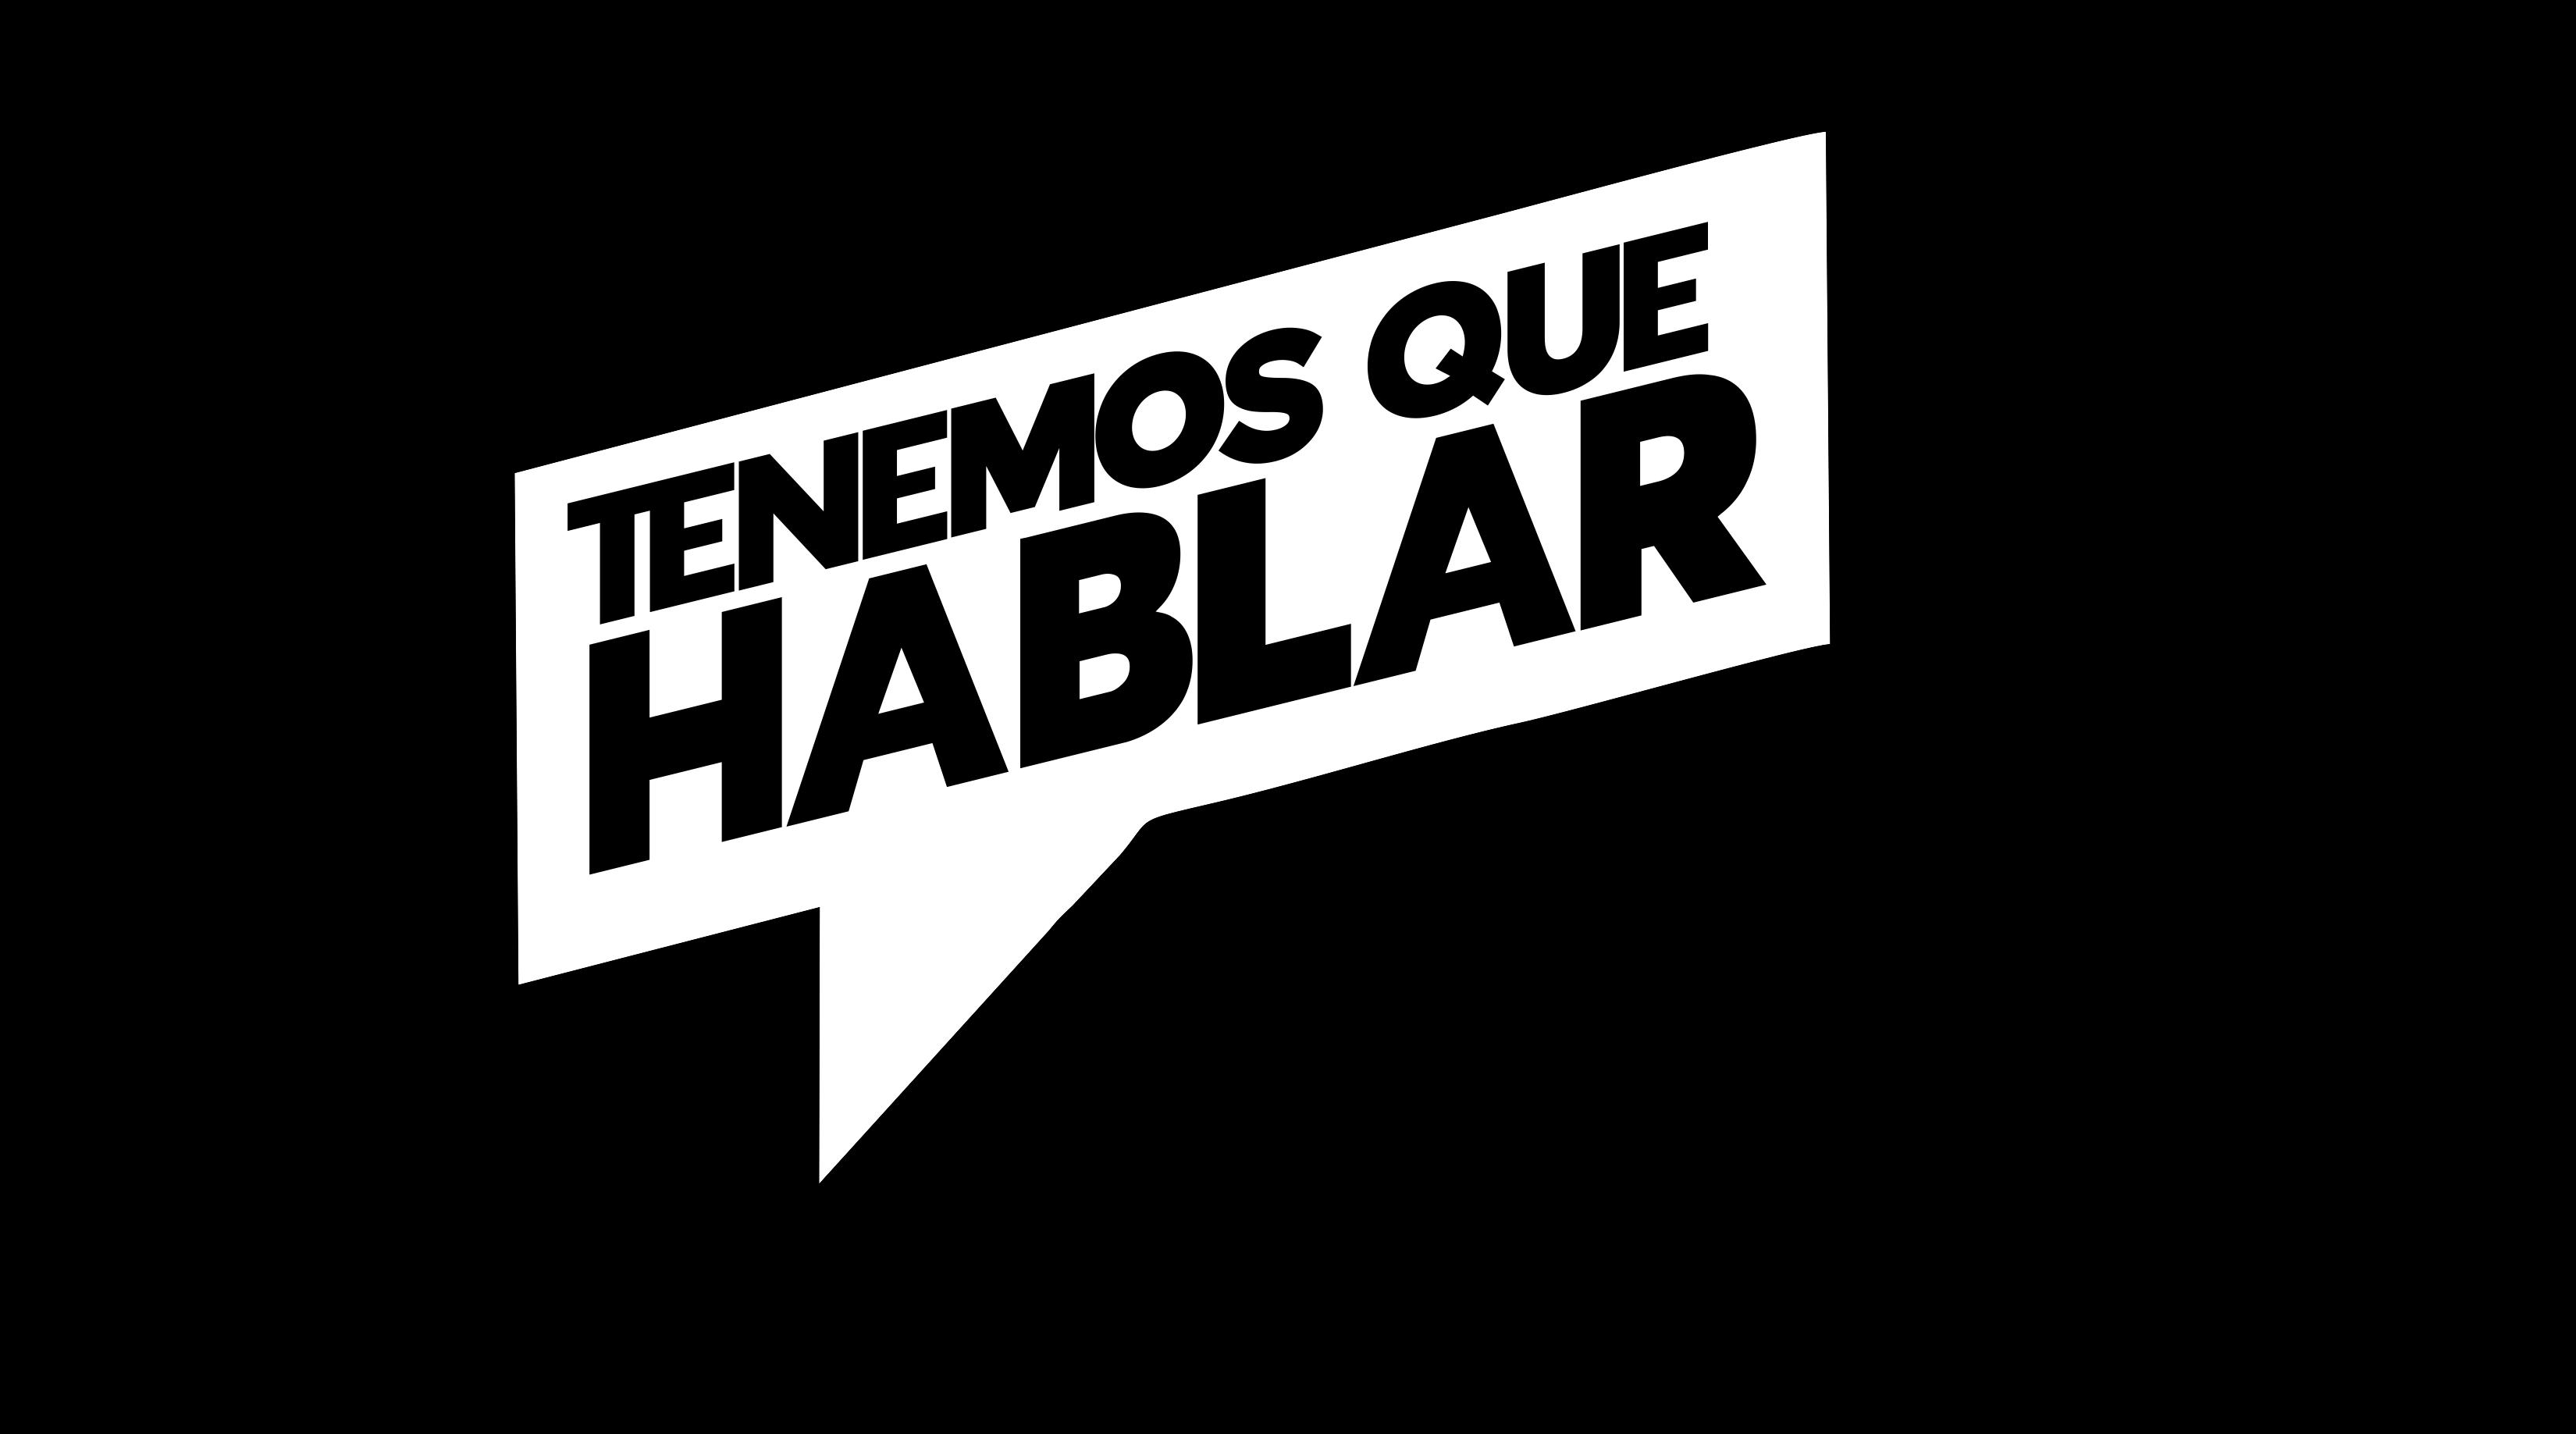 www.tenemosquehablar.com.mx